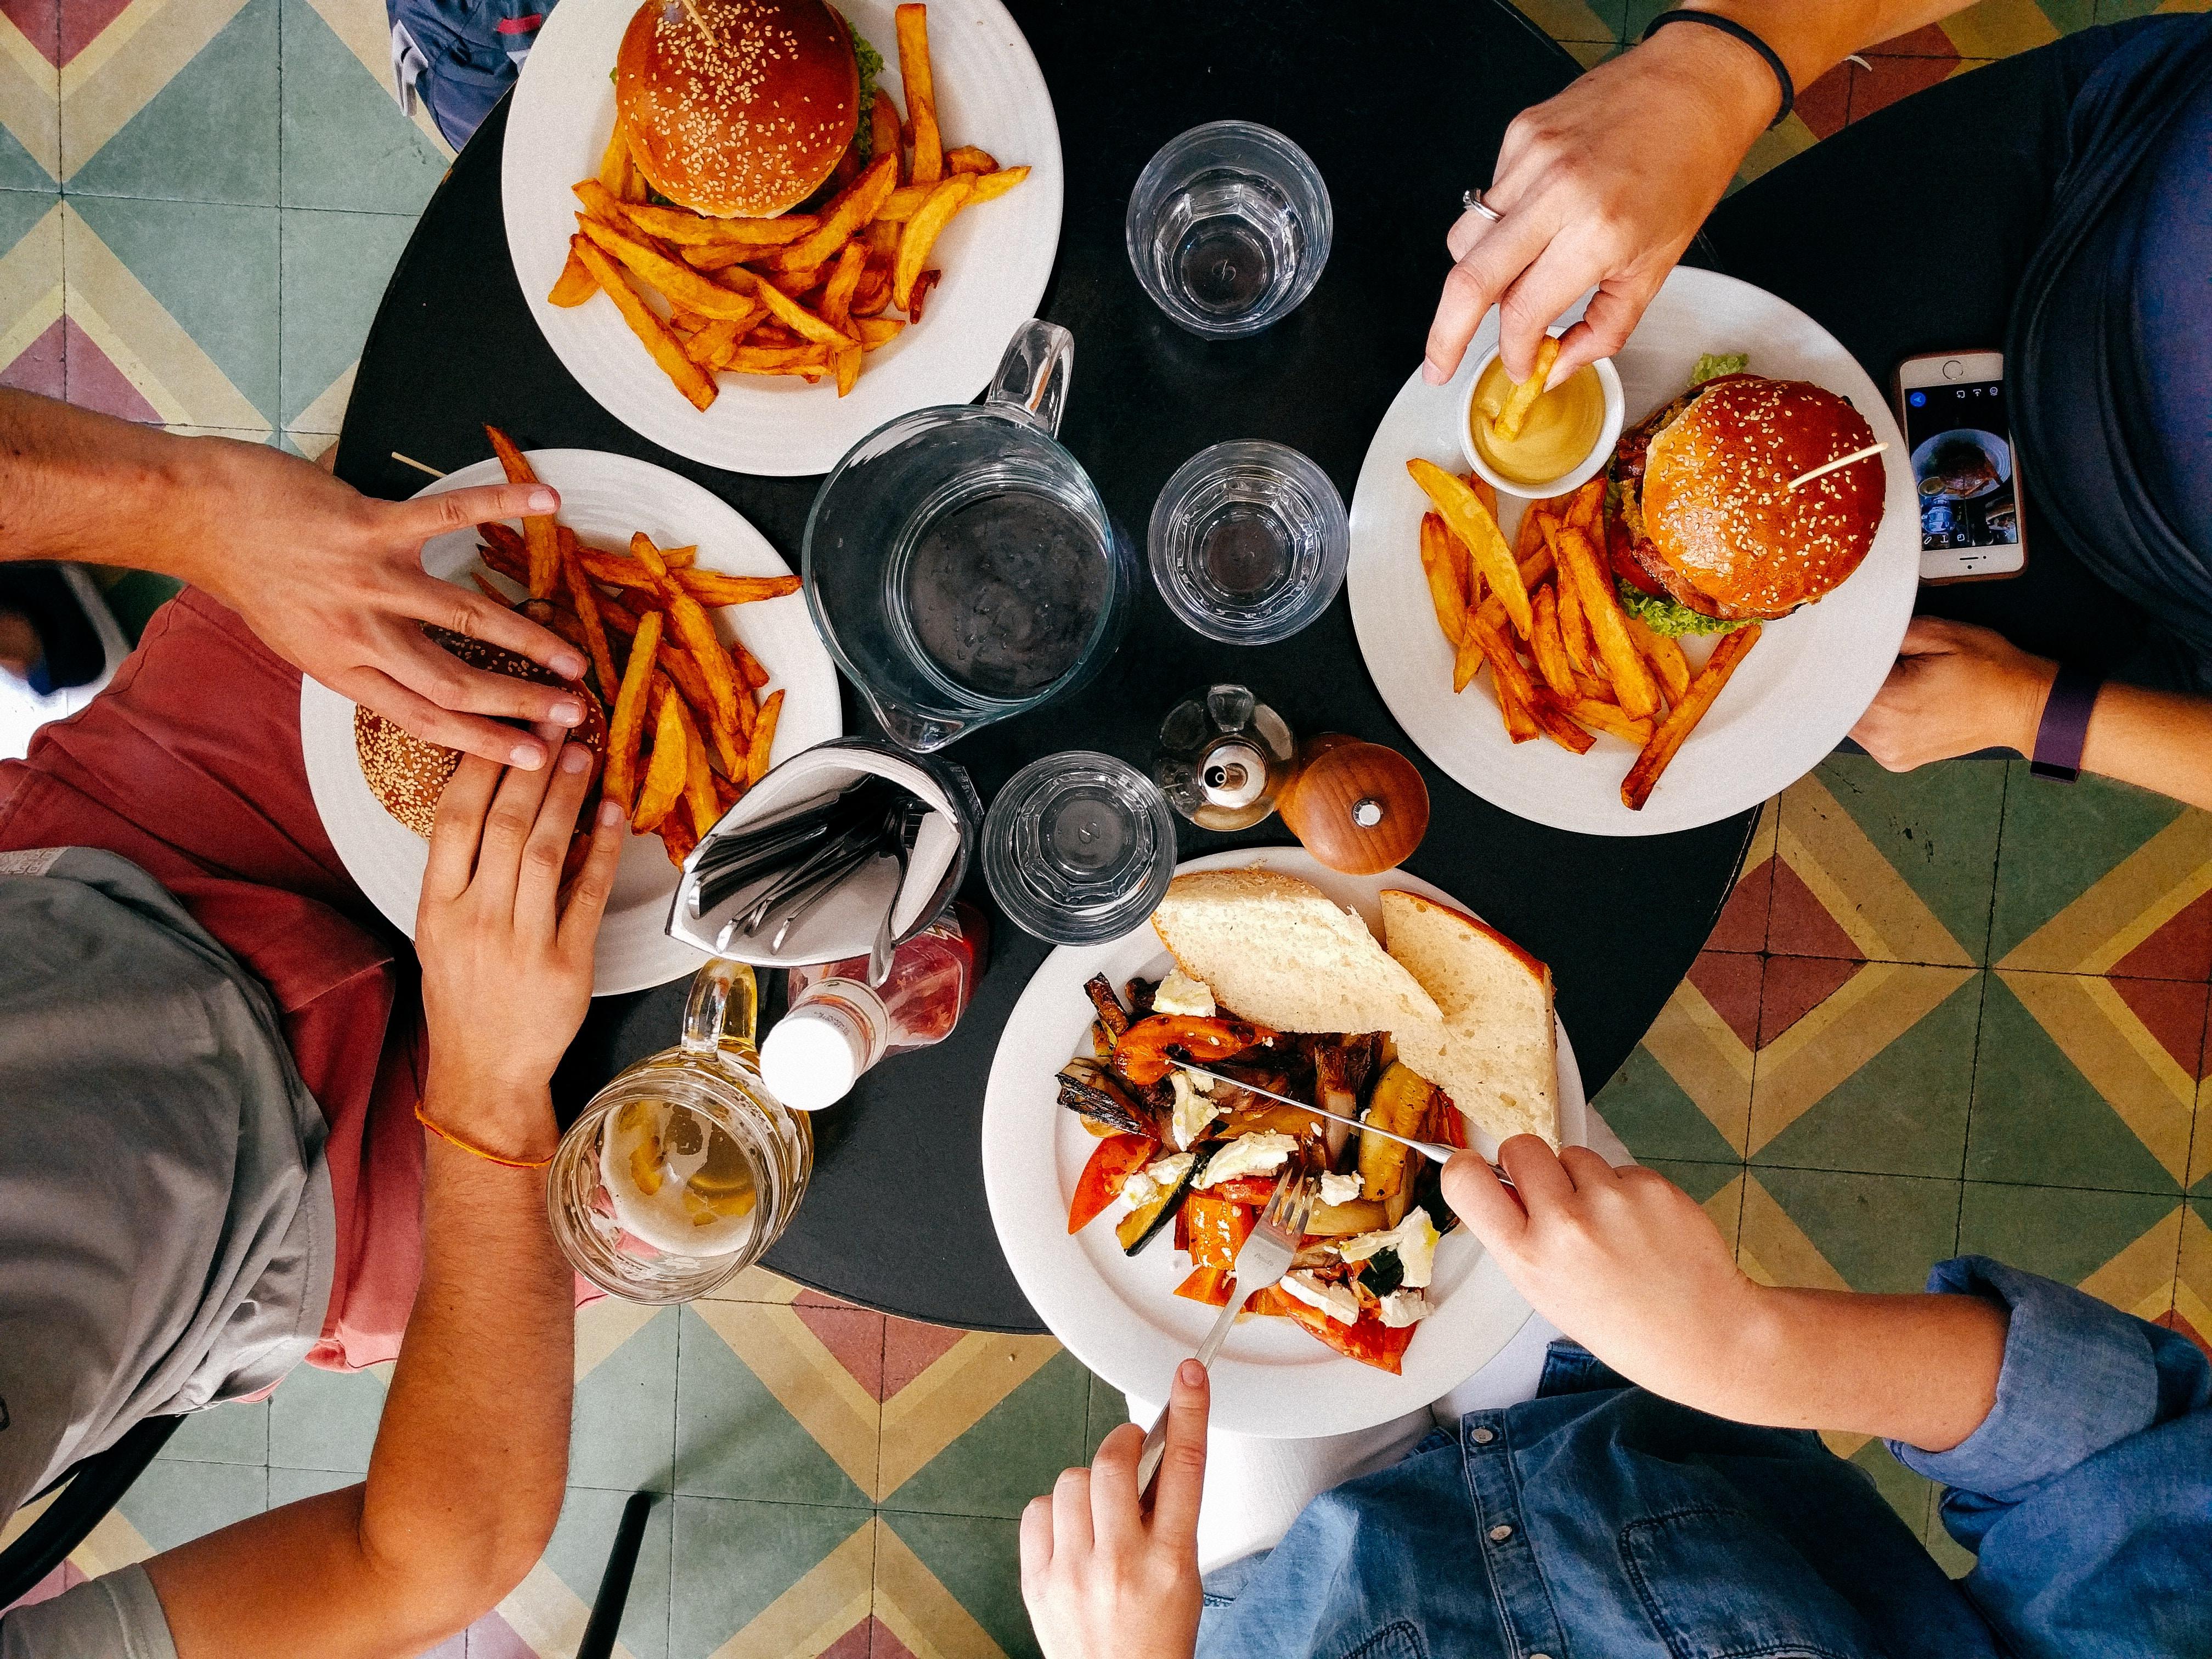 Trouble du comportement alimentaire, l'anorexie et la boulimie